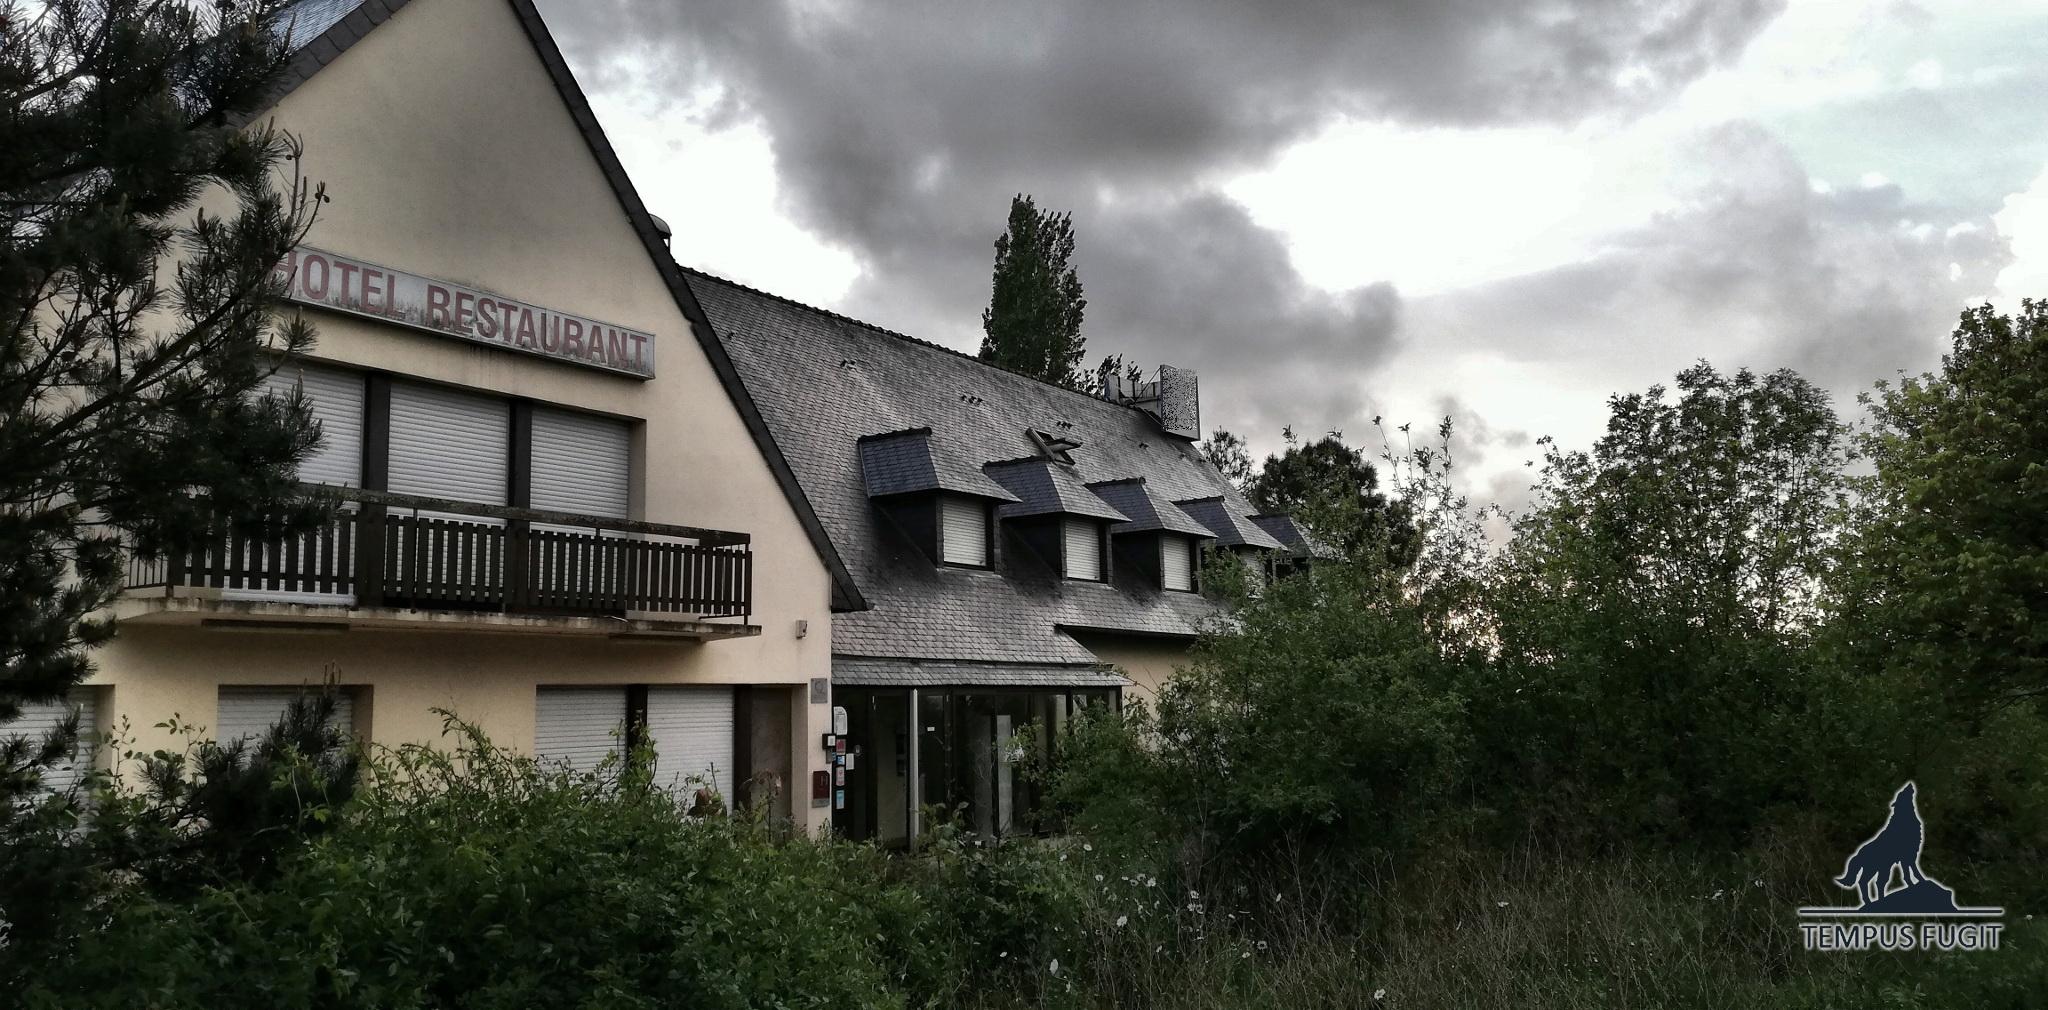 Hotel de l'Archange